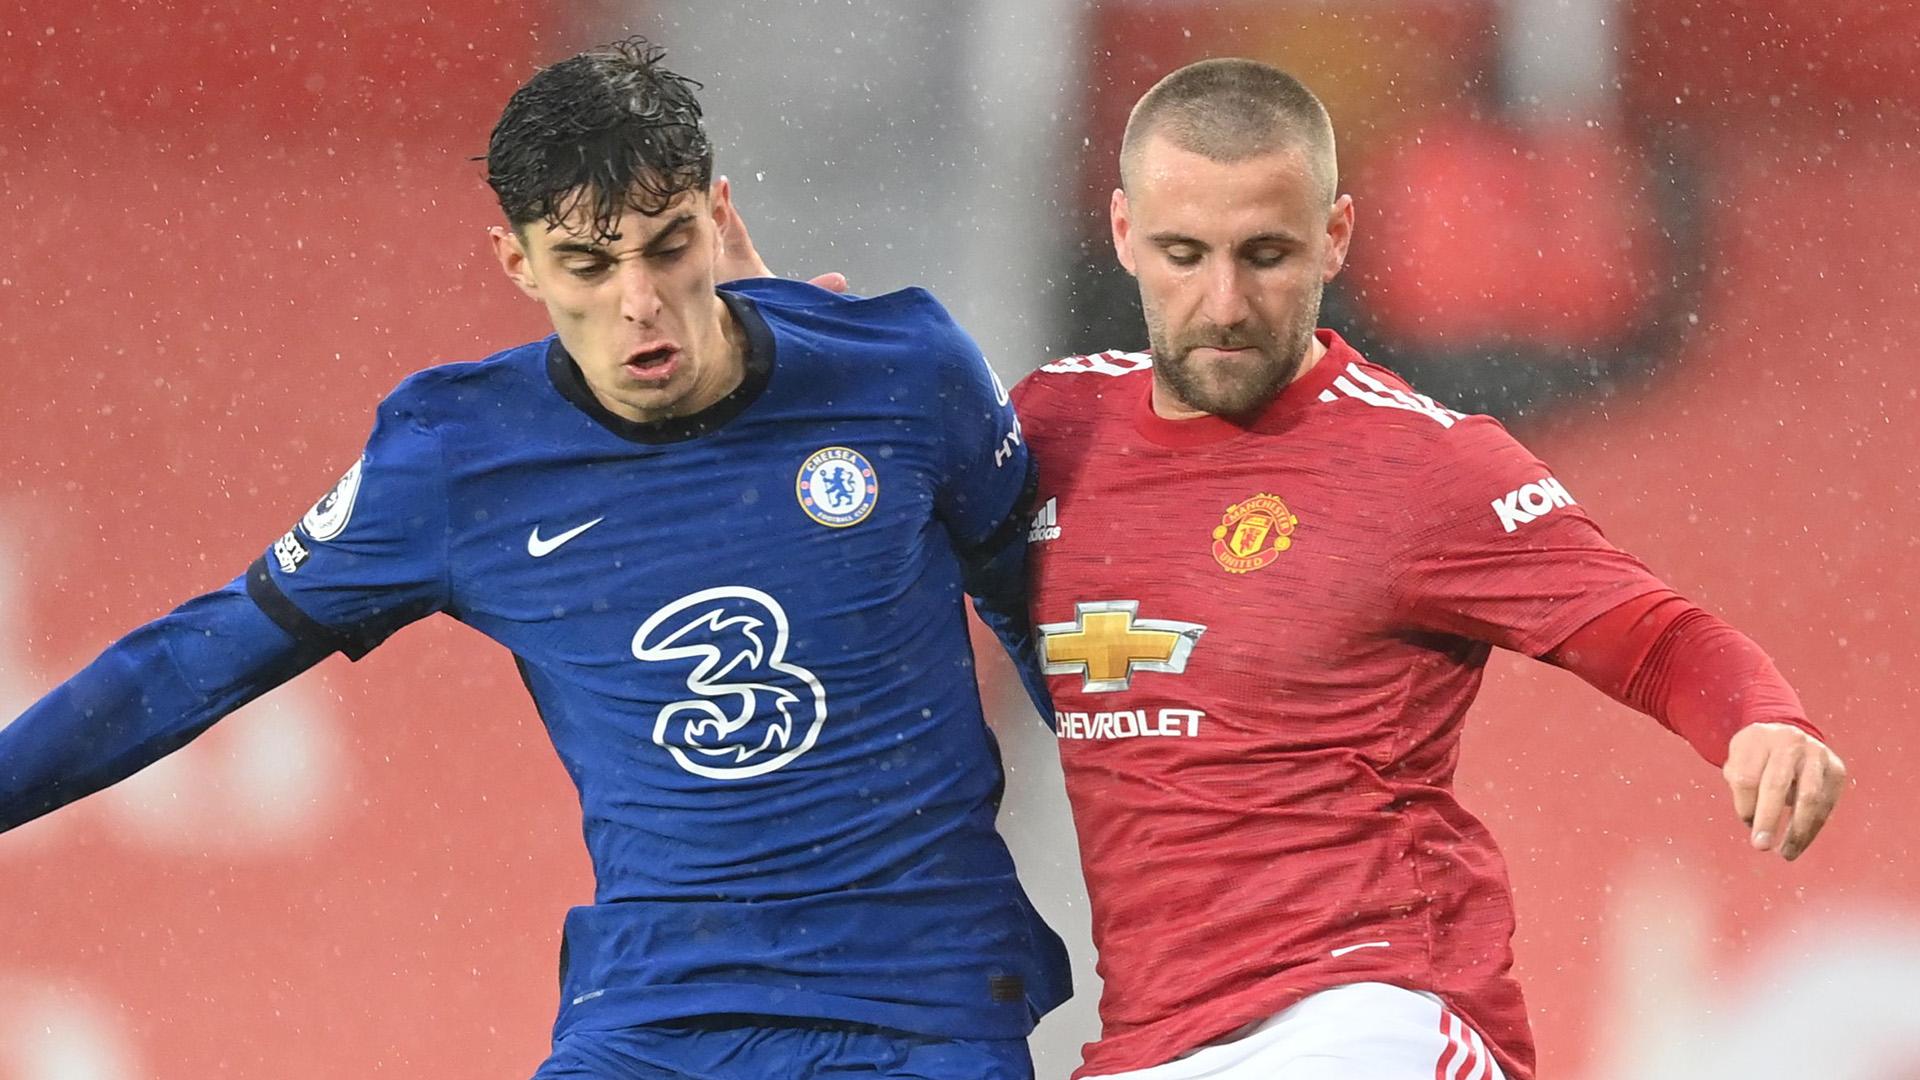 Kai Havertz Luke Shaw Man Utd Chelsea 2020-21